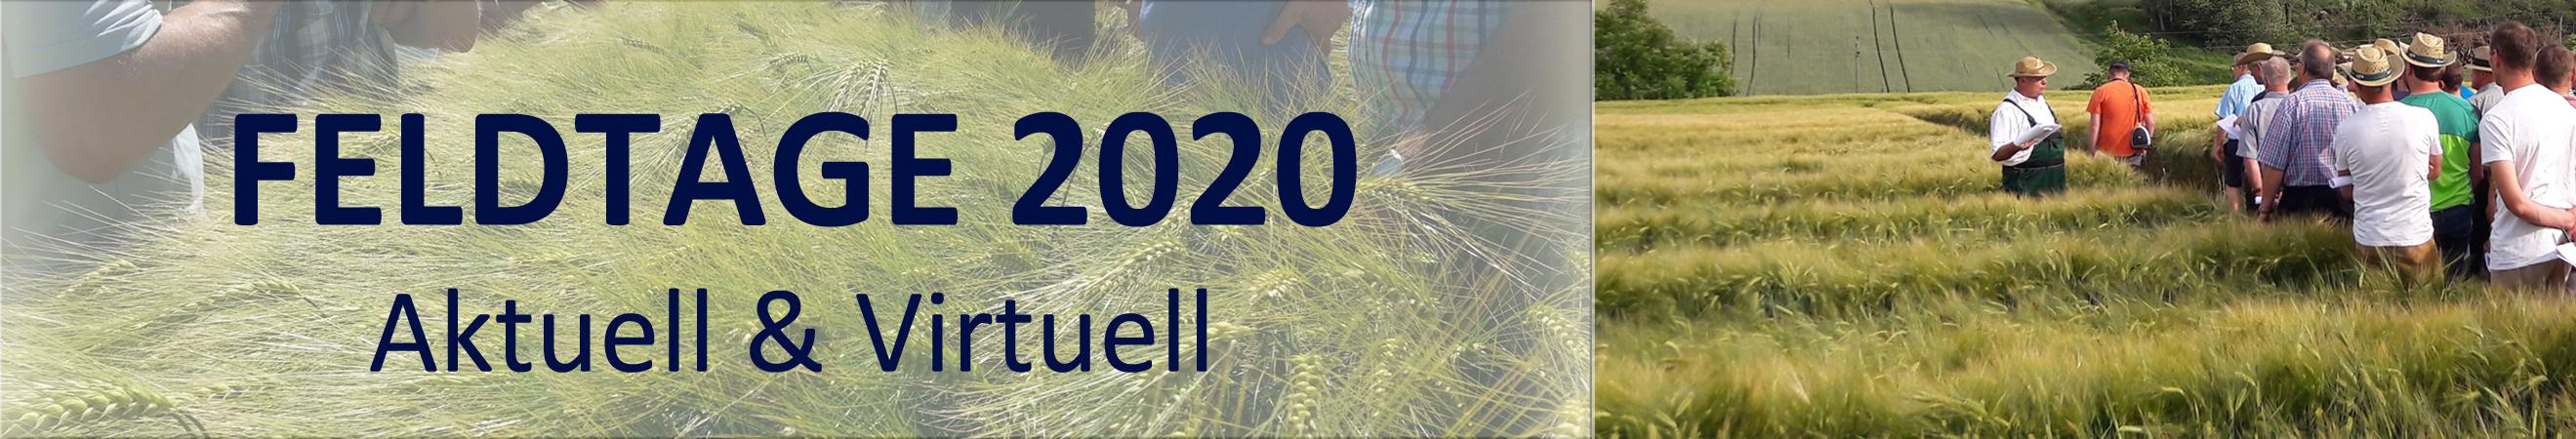 Sujet Feldtage 2020 © LK OÖ/Horner